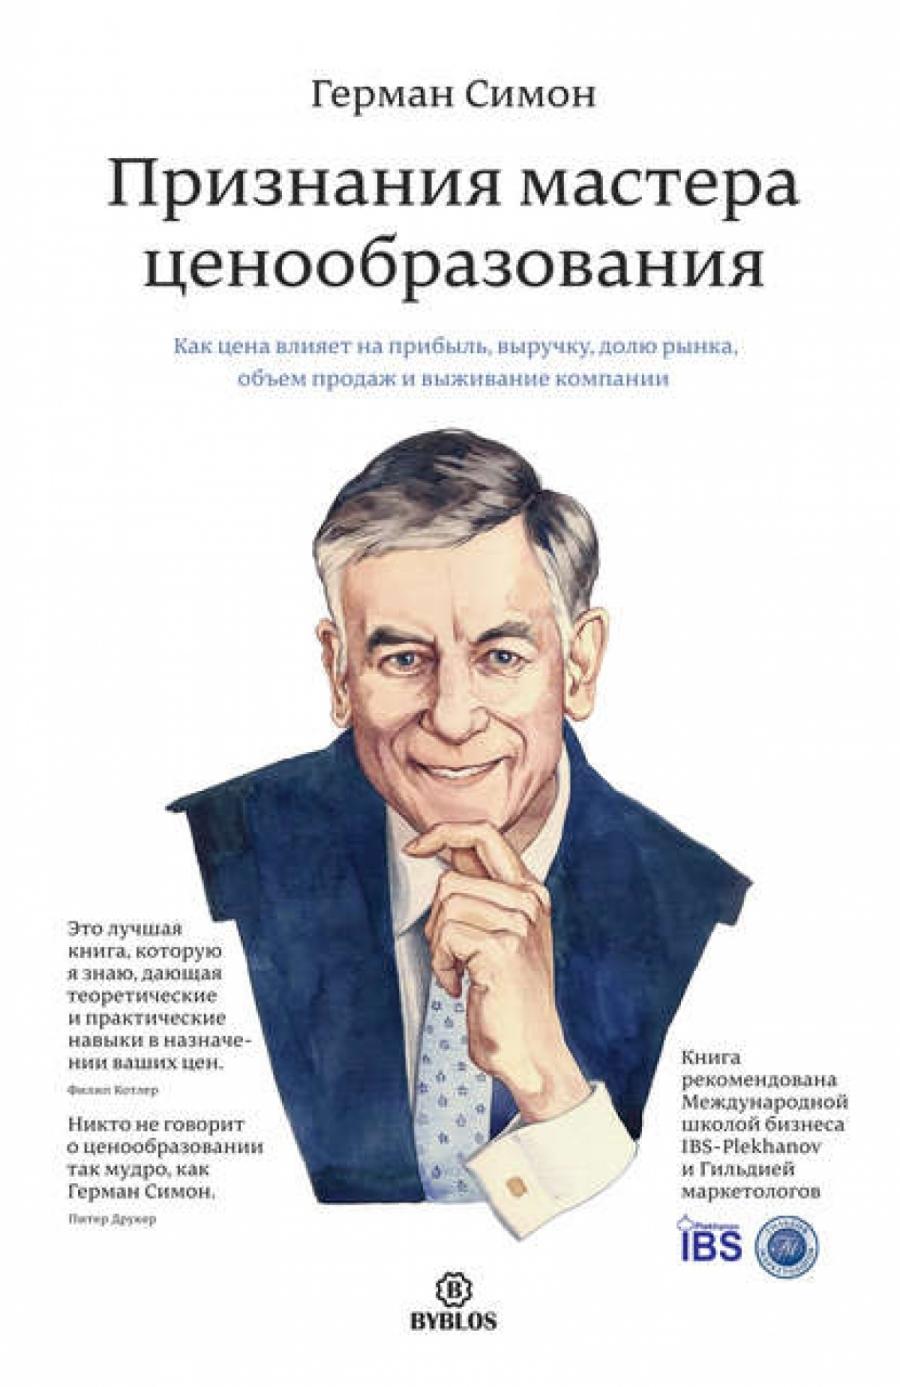 Герман Симон - Признания мастера ценообразования. Как цена влияет на прибыль, выручку, долю рынка, объем продаж и выживание компании